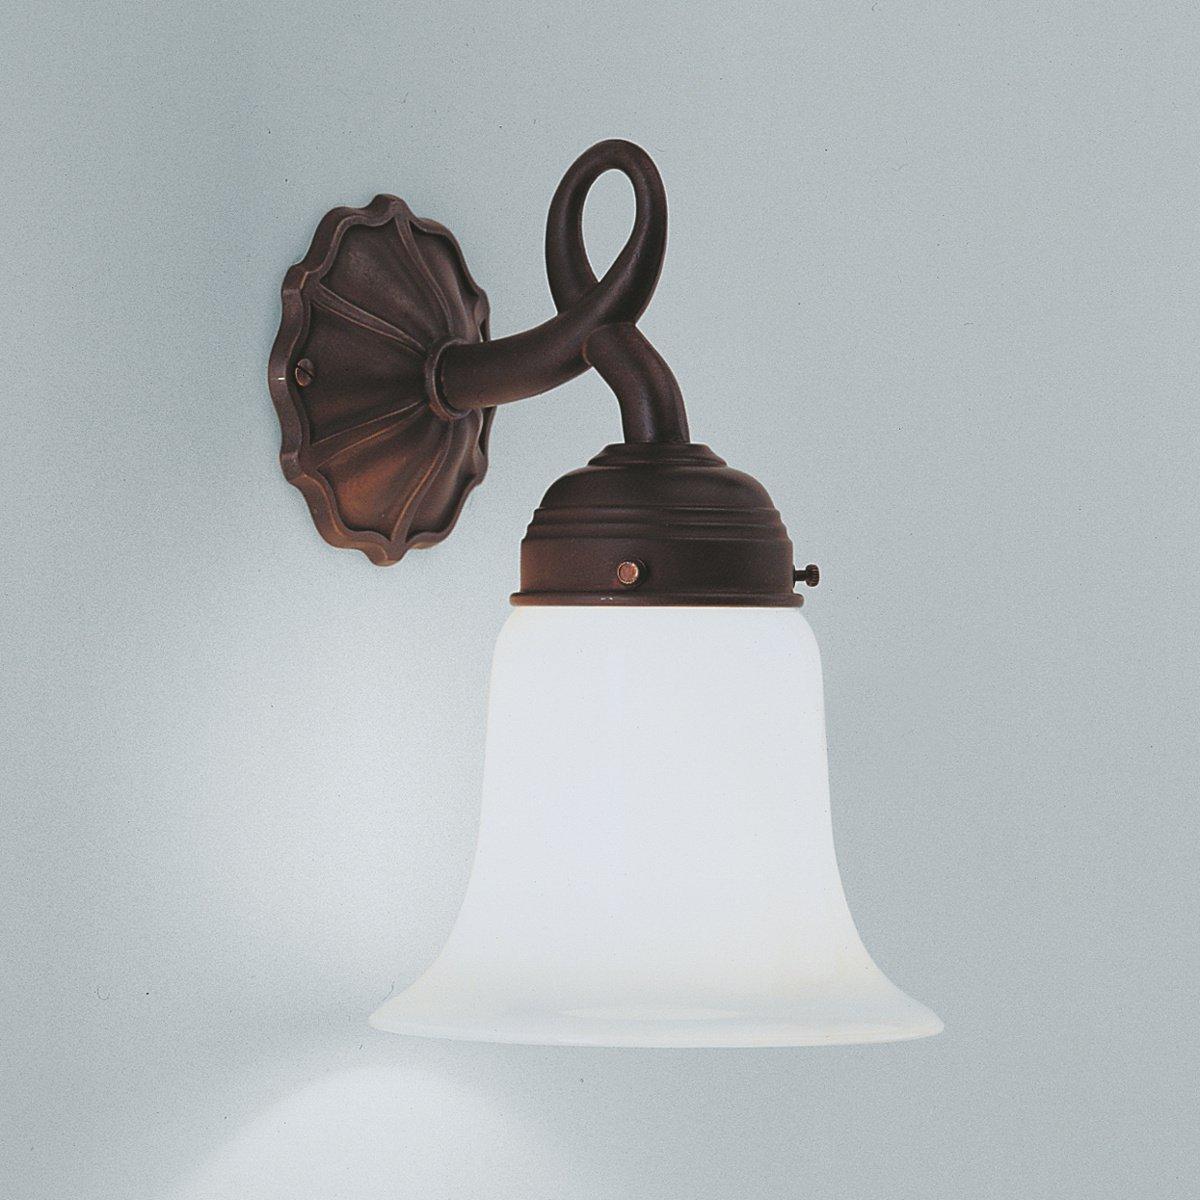 simon messing wandleuchte mit jugendstil ornamentik von. Black Bedroom Furniture Sets. Home Design Ideas